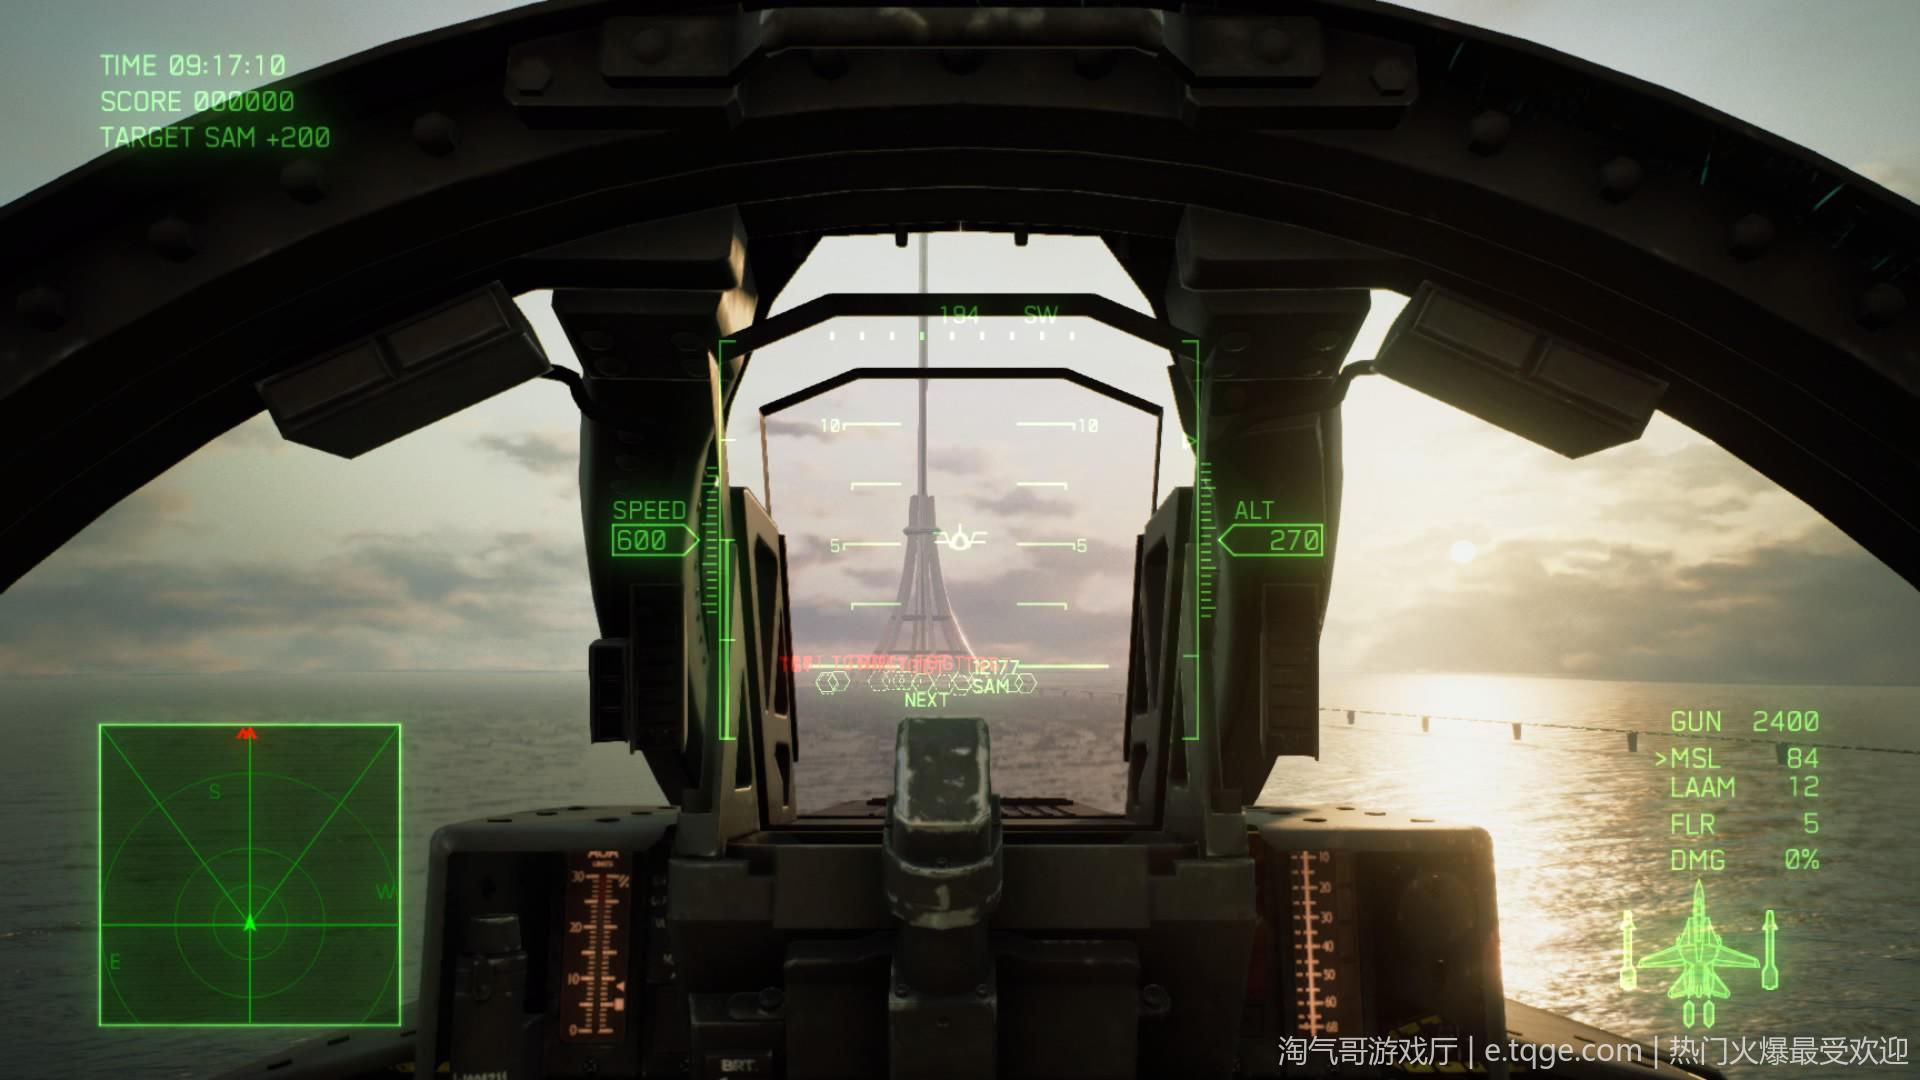 皇牌空战7:未知领域联机版/突击地平线增强版 模拟经营 第1张